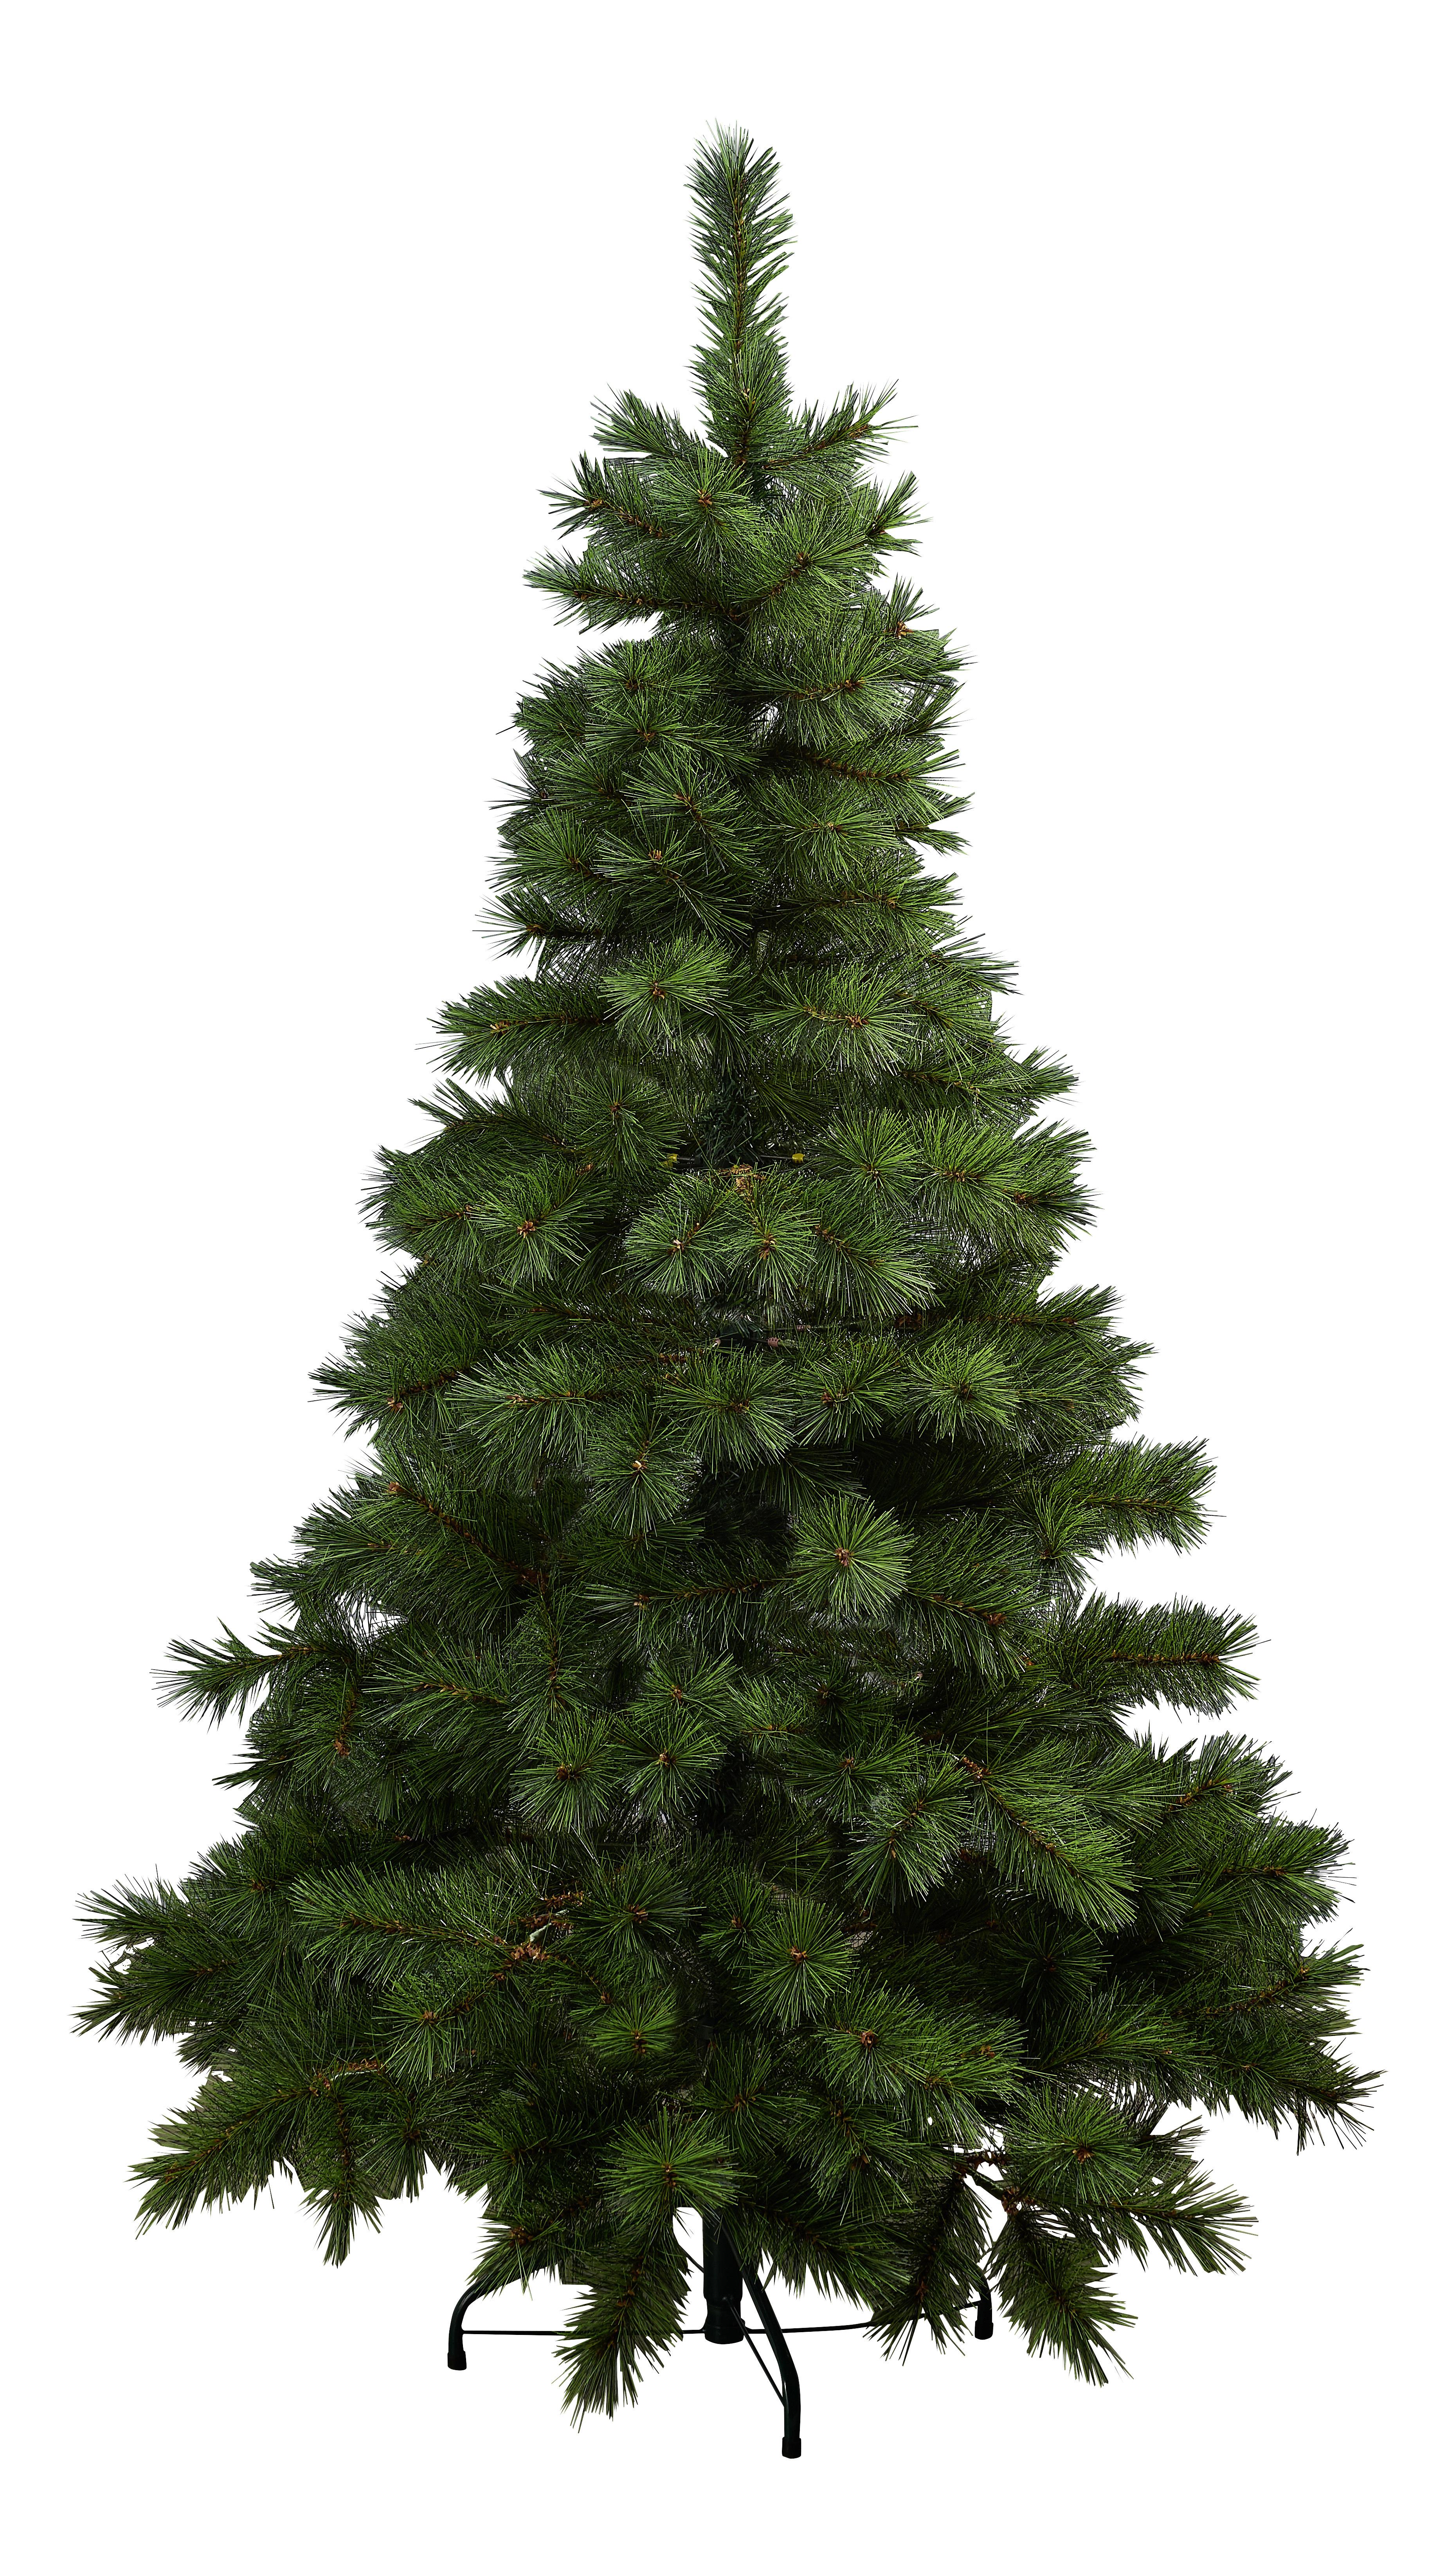 Carrefour sapin artificiel style naturel n 16 h 180 de65189 vert pas cher achat vente - Sapin artificiel vert pas cher ...